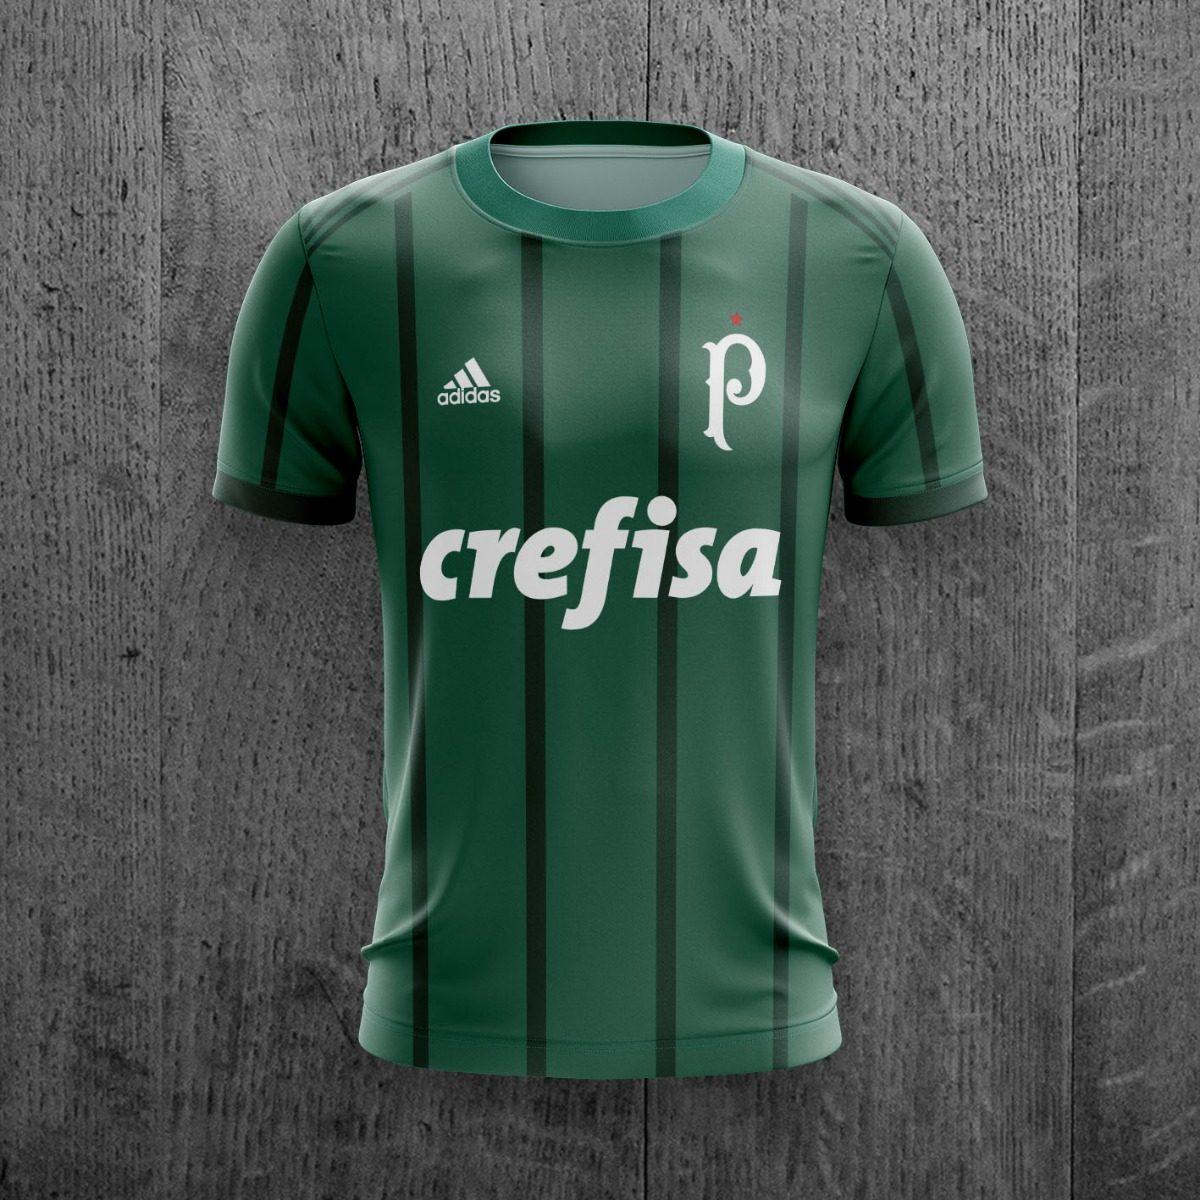 camiseta palmeiras crefisa 2018 futebol personalizada c nome. Carregando  zoom. af40fc9b6ef42